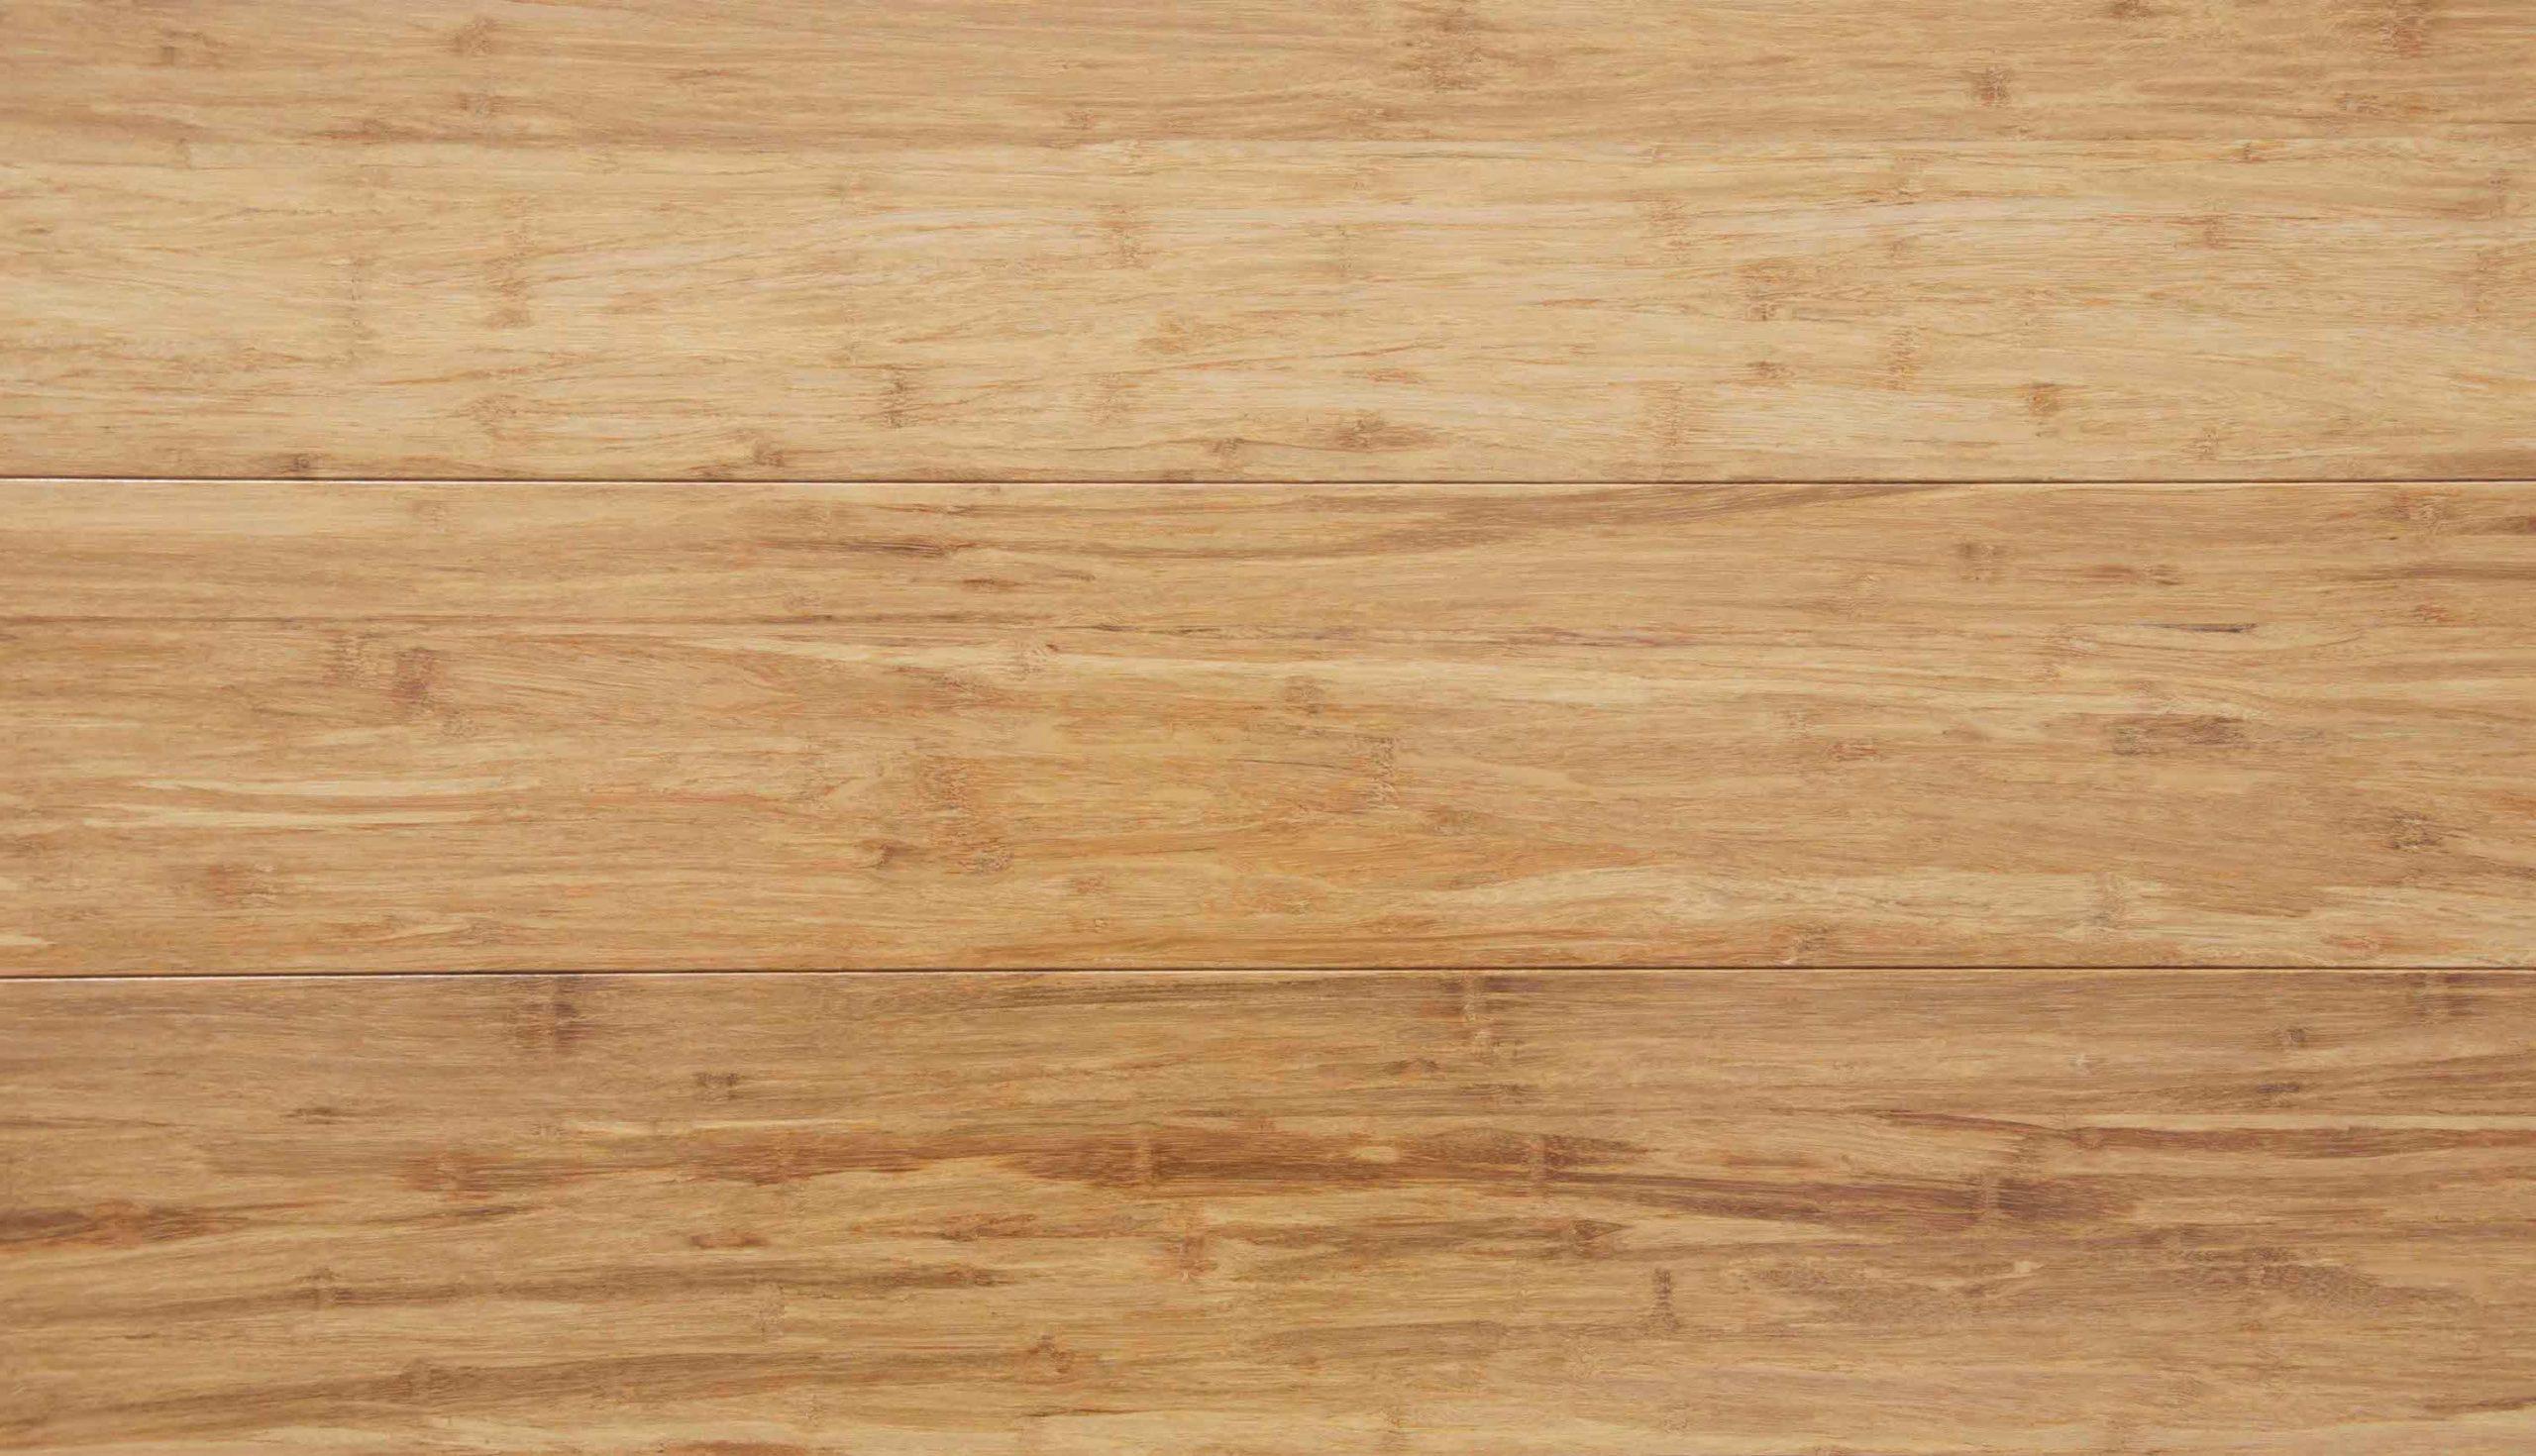 Oakwood Parquet En Bambou Convient Pour Plancher Chauffant ... tout Parquet Bambou À Clipser